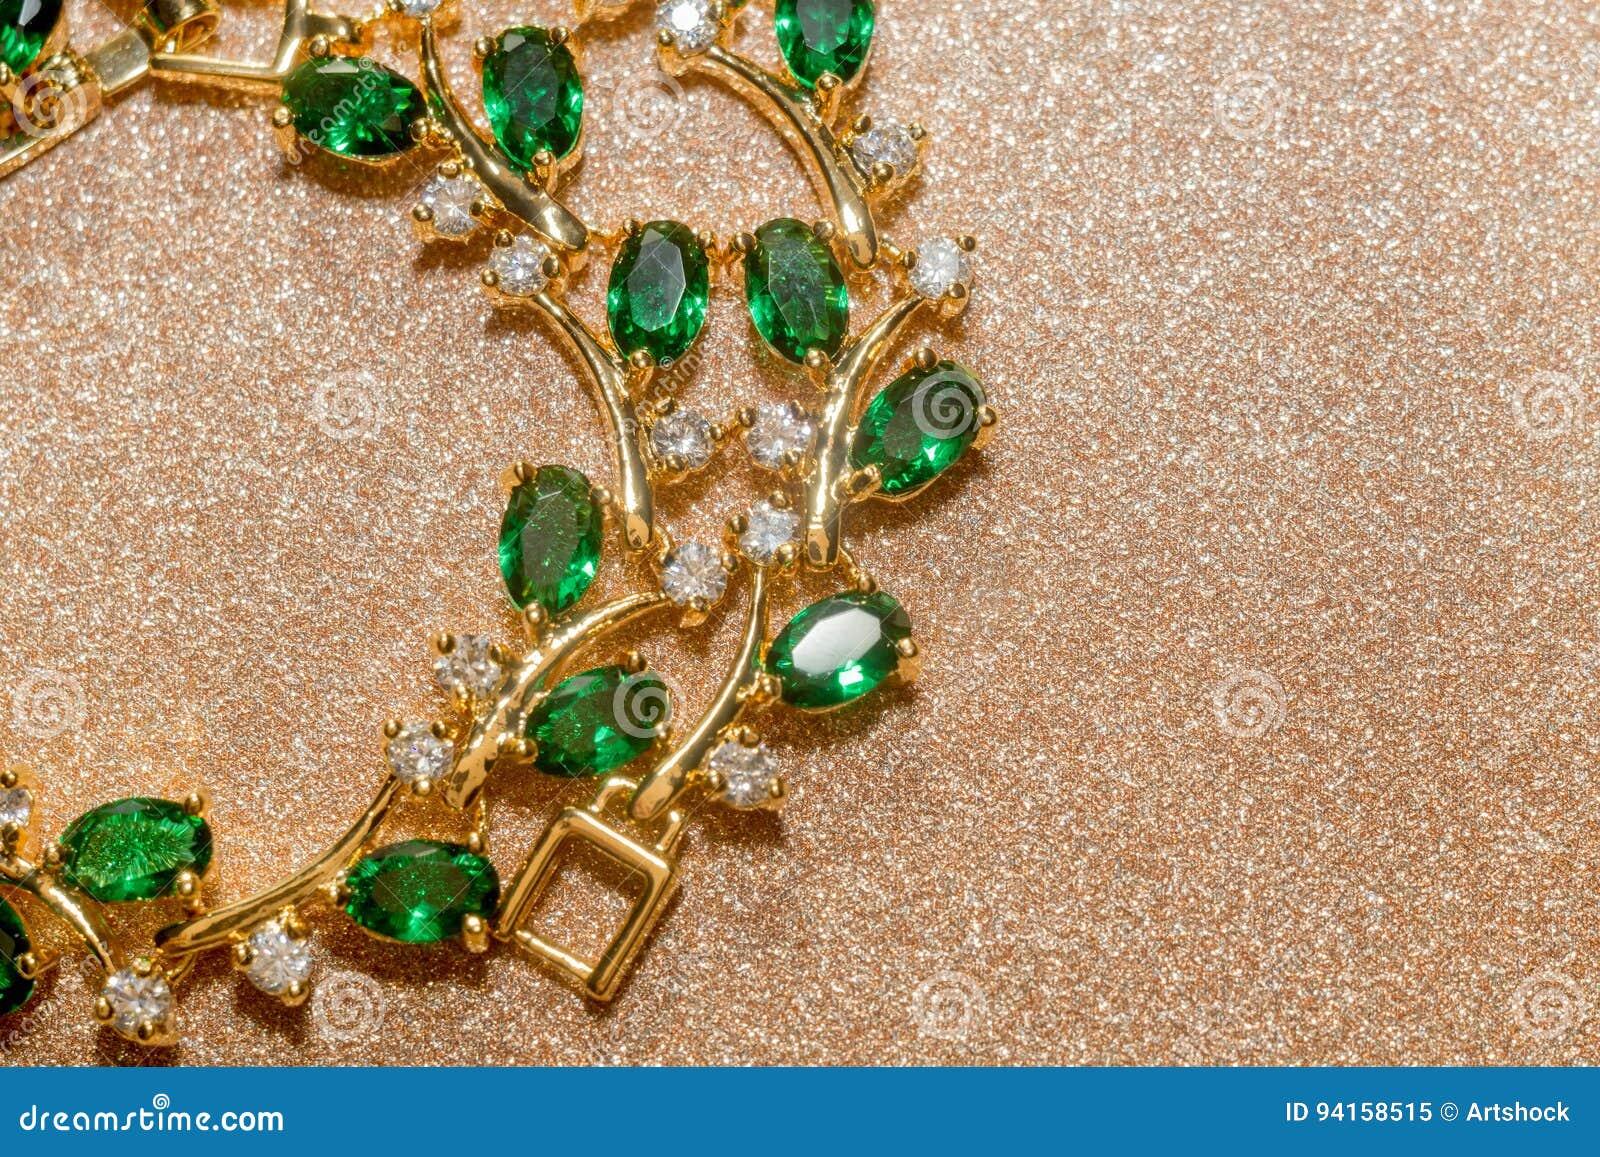 Κομψό θηλυκό χρυσό βραχιόλι κοσμήματος με τον πολύτιμο πράσινο πολύτιμο  λίθο 458e80901fc